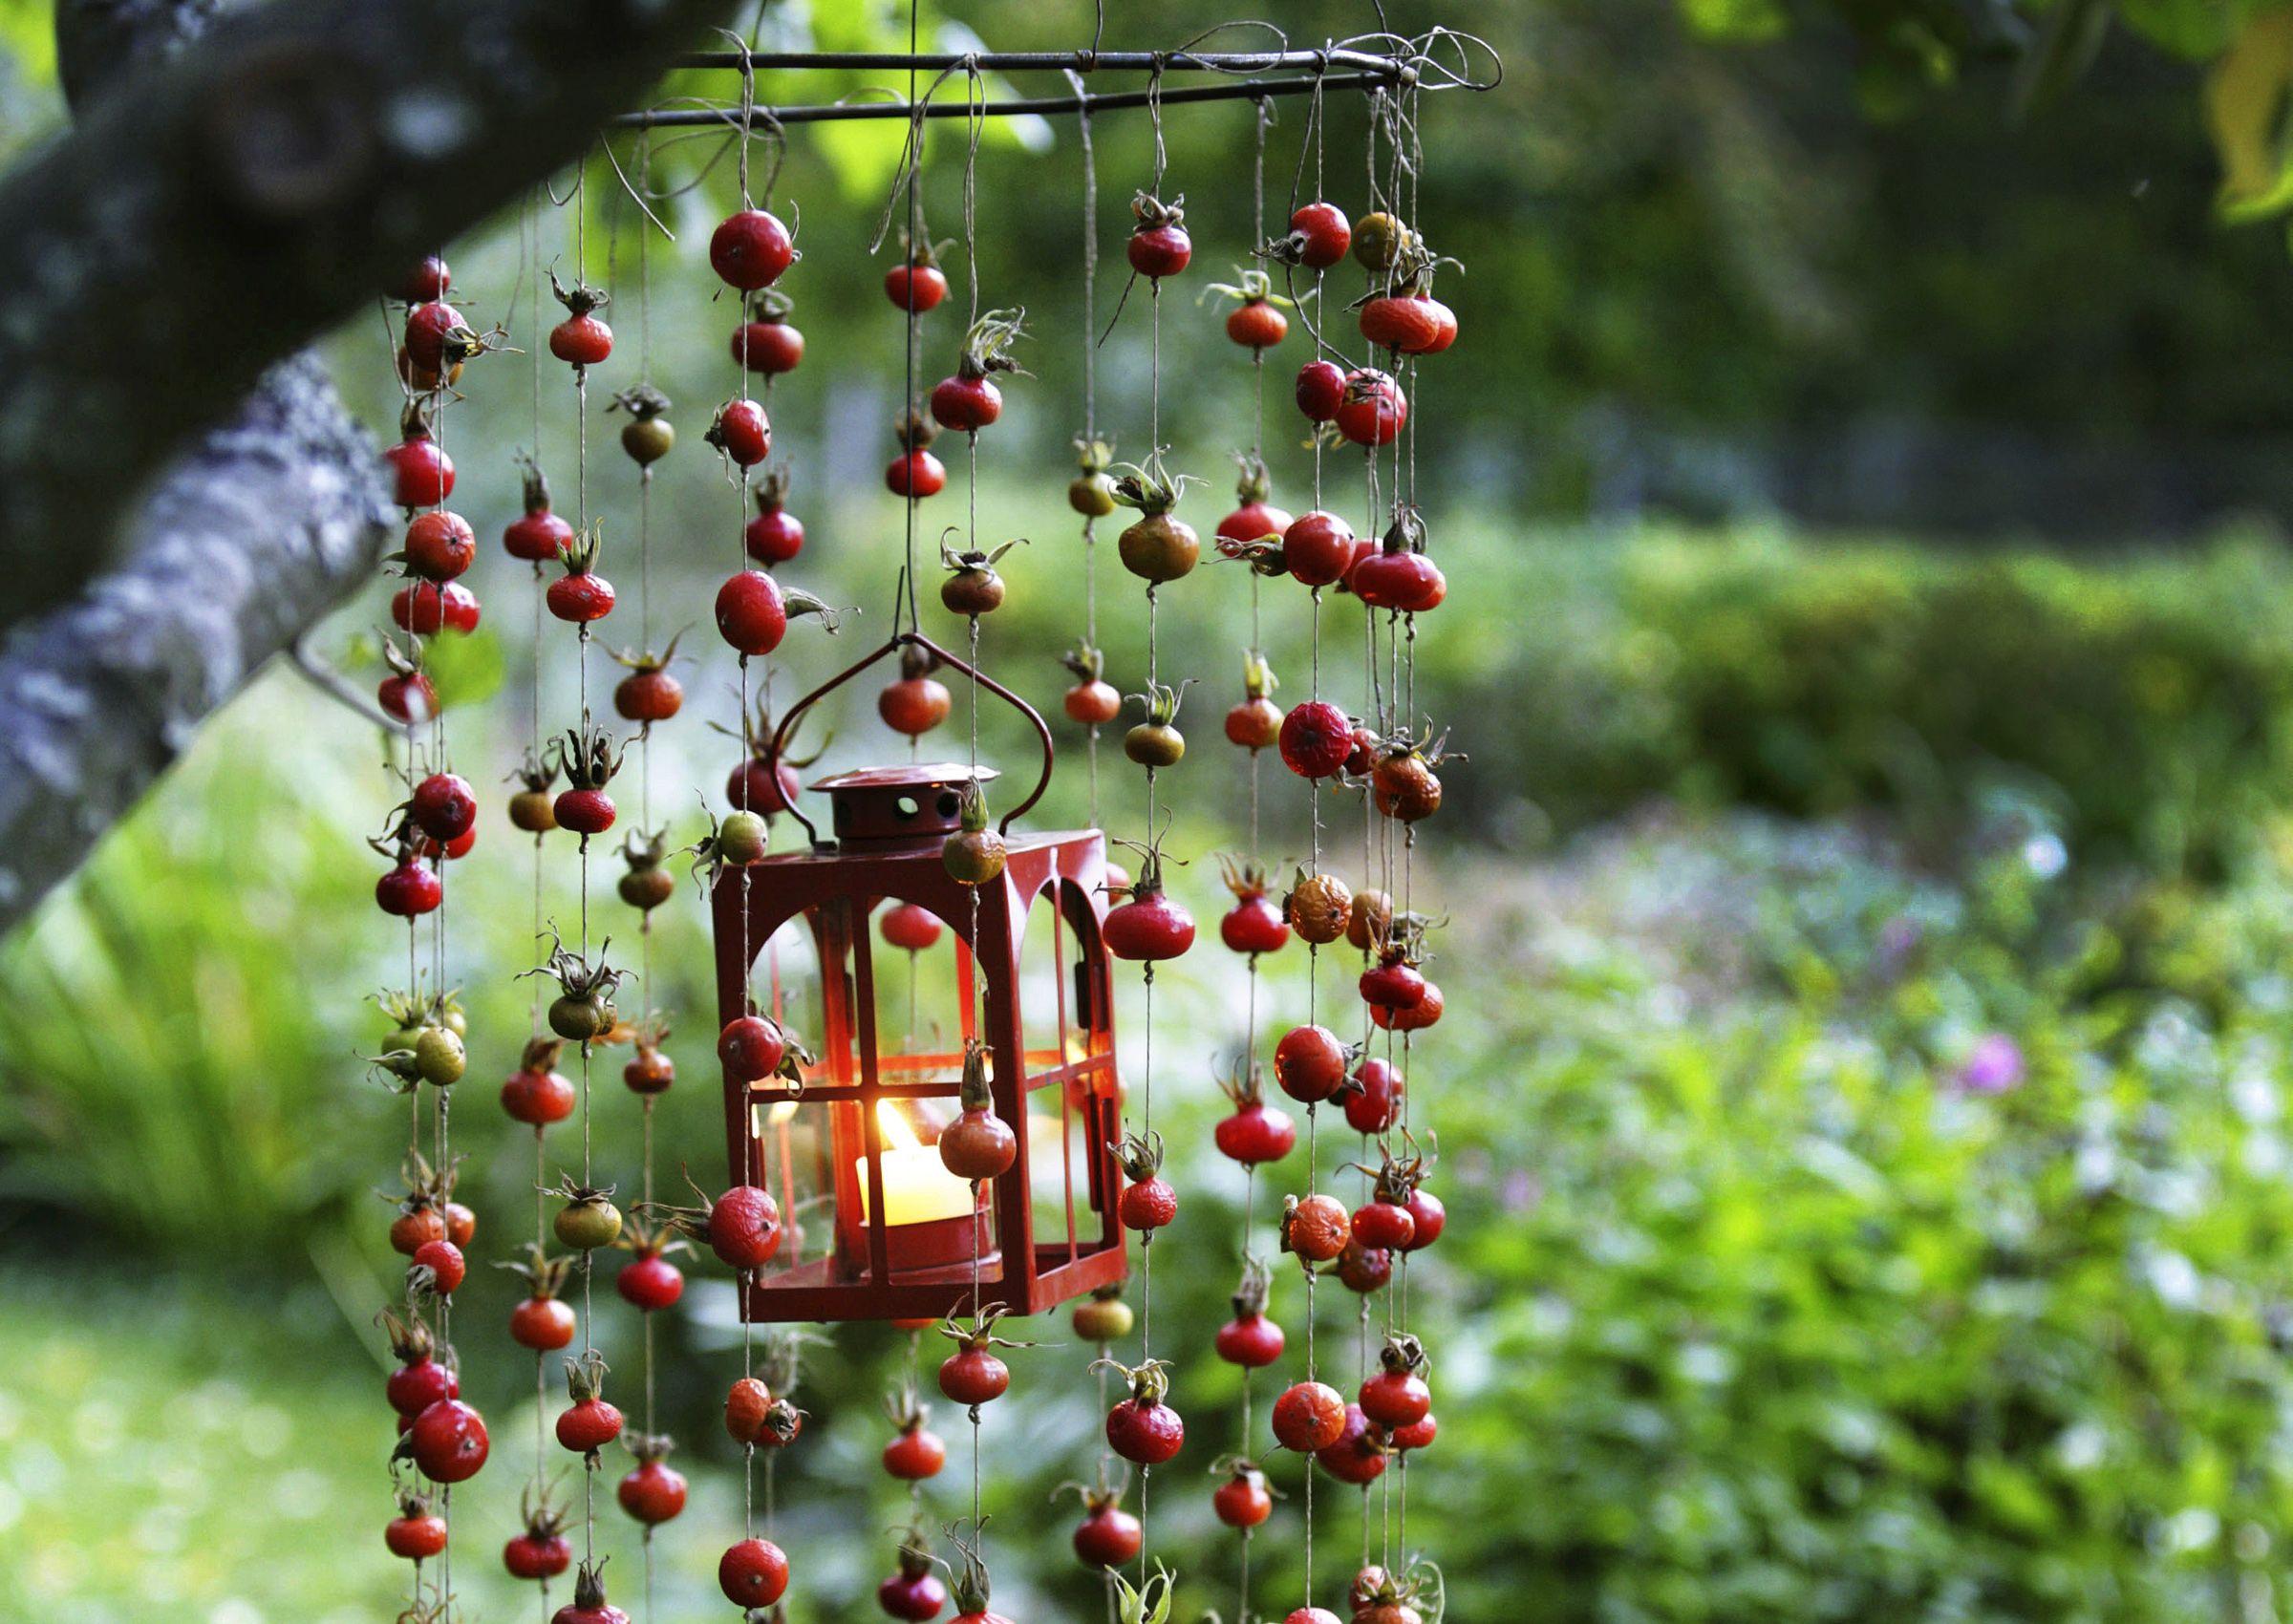 Poimi korillinen ruusunmarjoja ja askartele niistä syksyinen tunnelmanluoja pihalle. Katso Viherpihan ohjeet ja hyödynnä ruusupensaiden marjat.